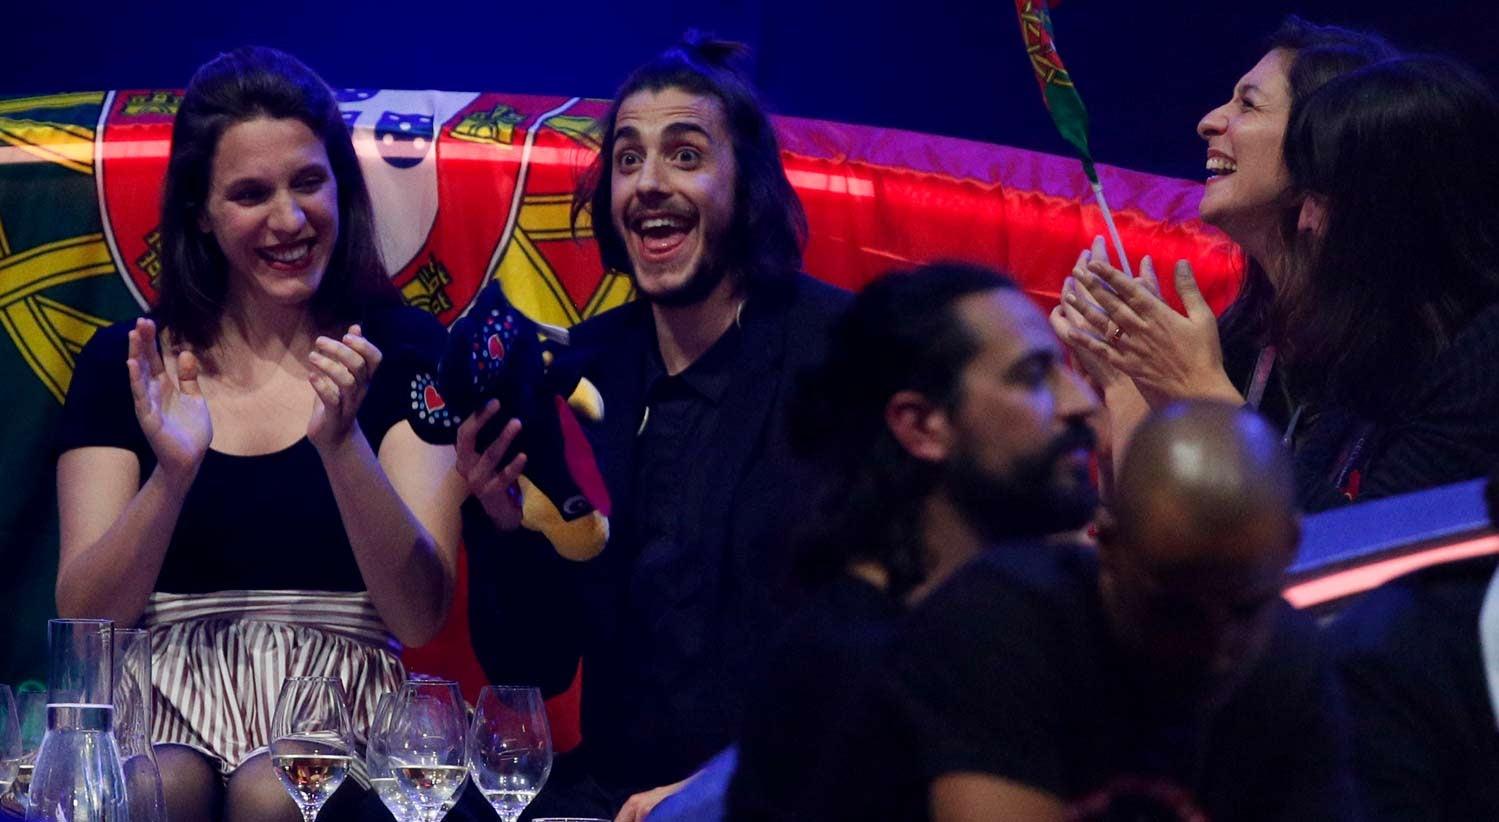 Salvador Sobral venceu o Festival Eurovisão da Canção